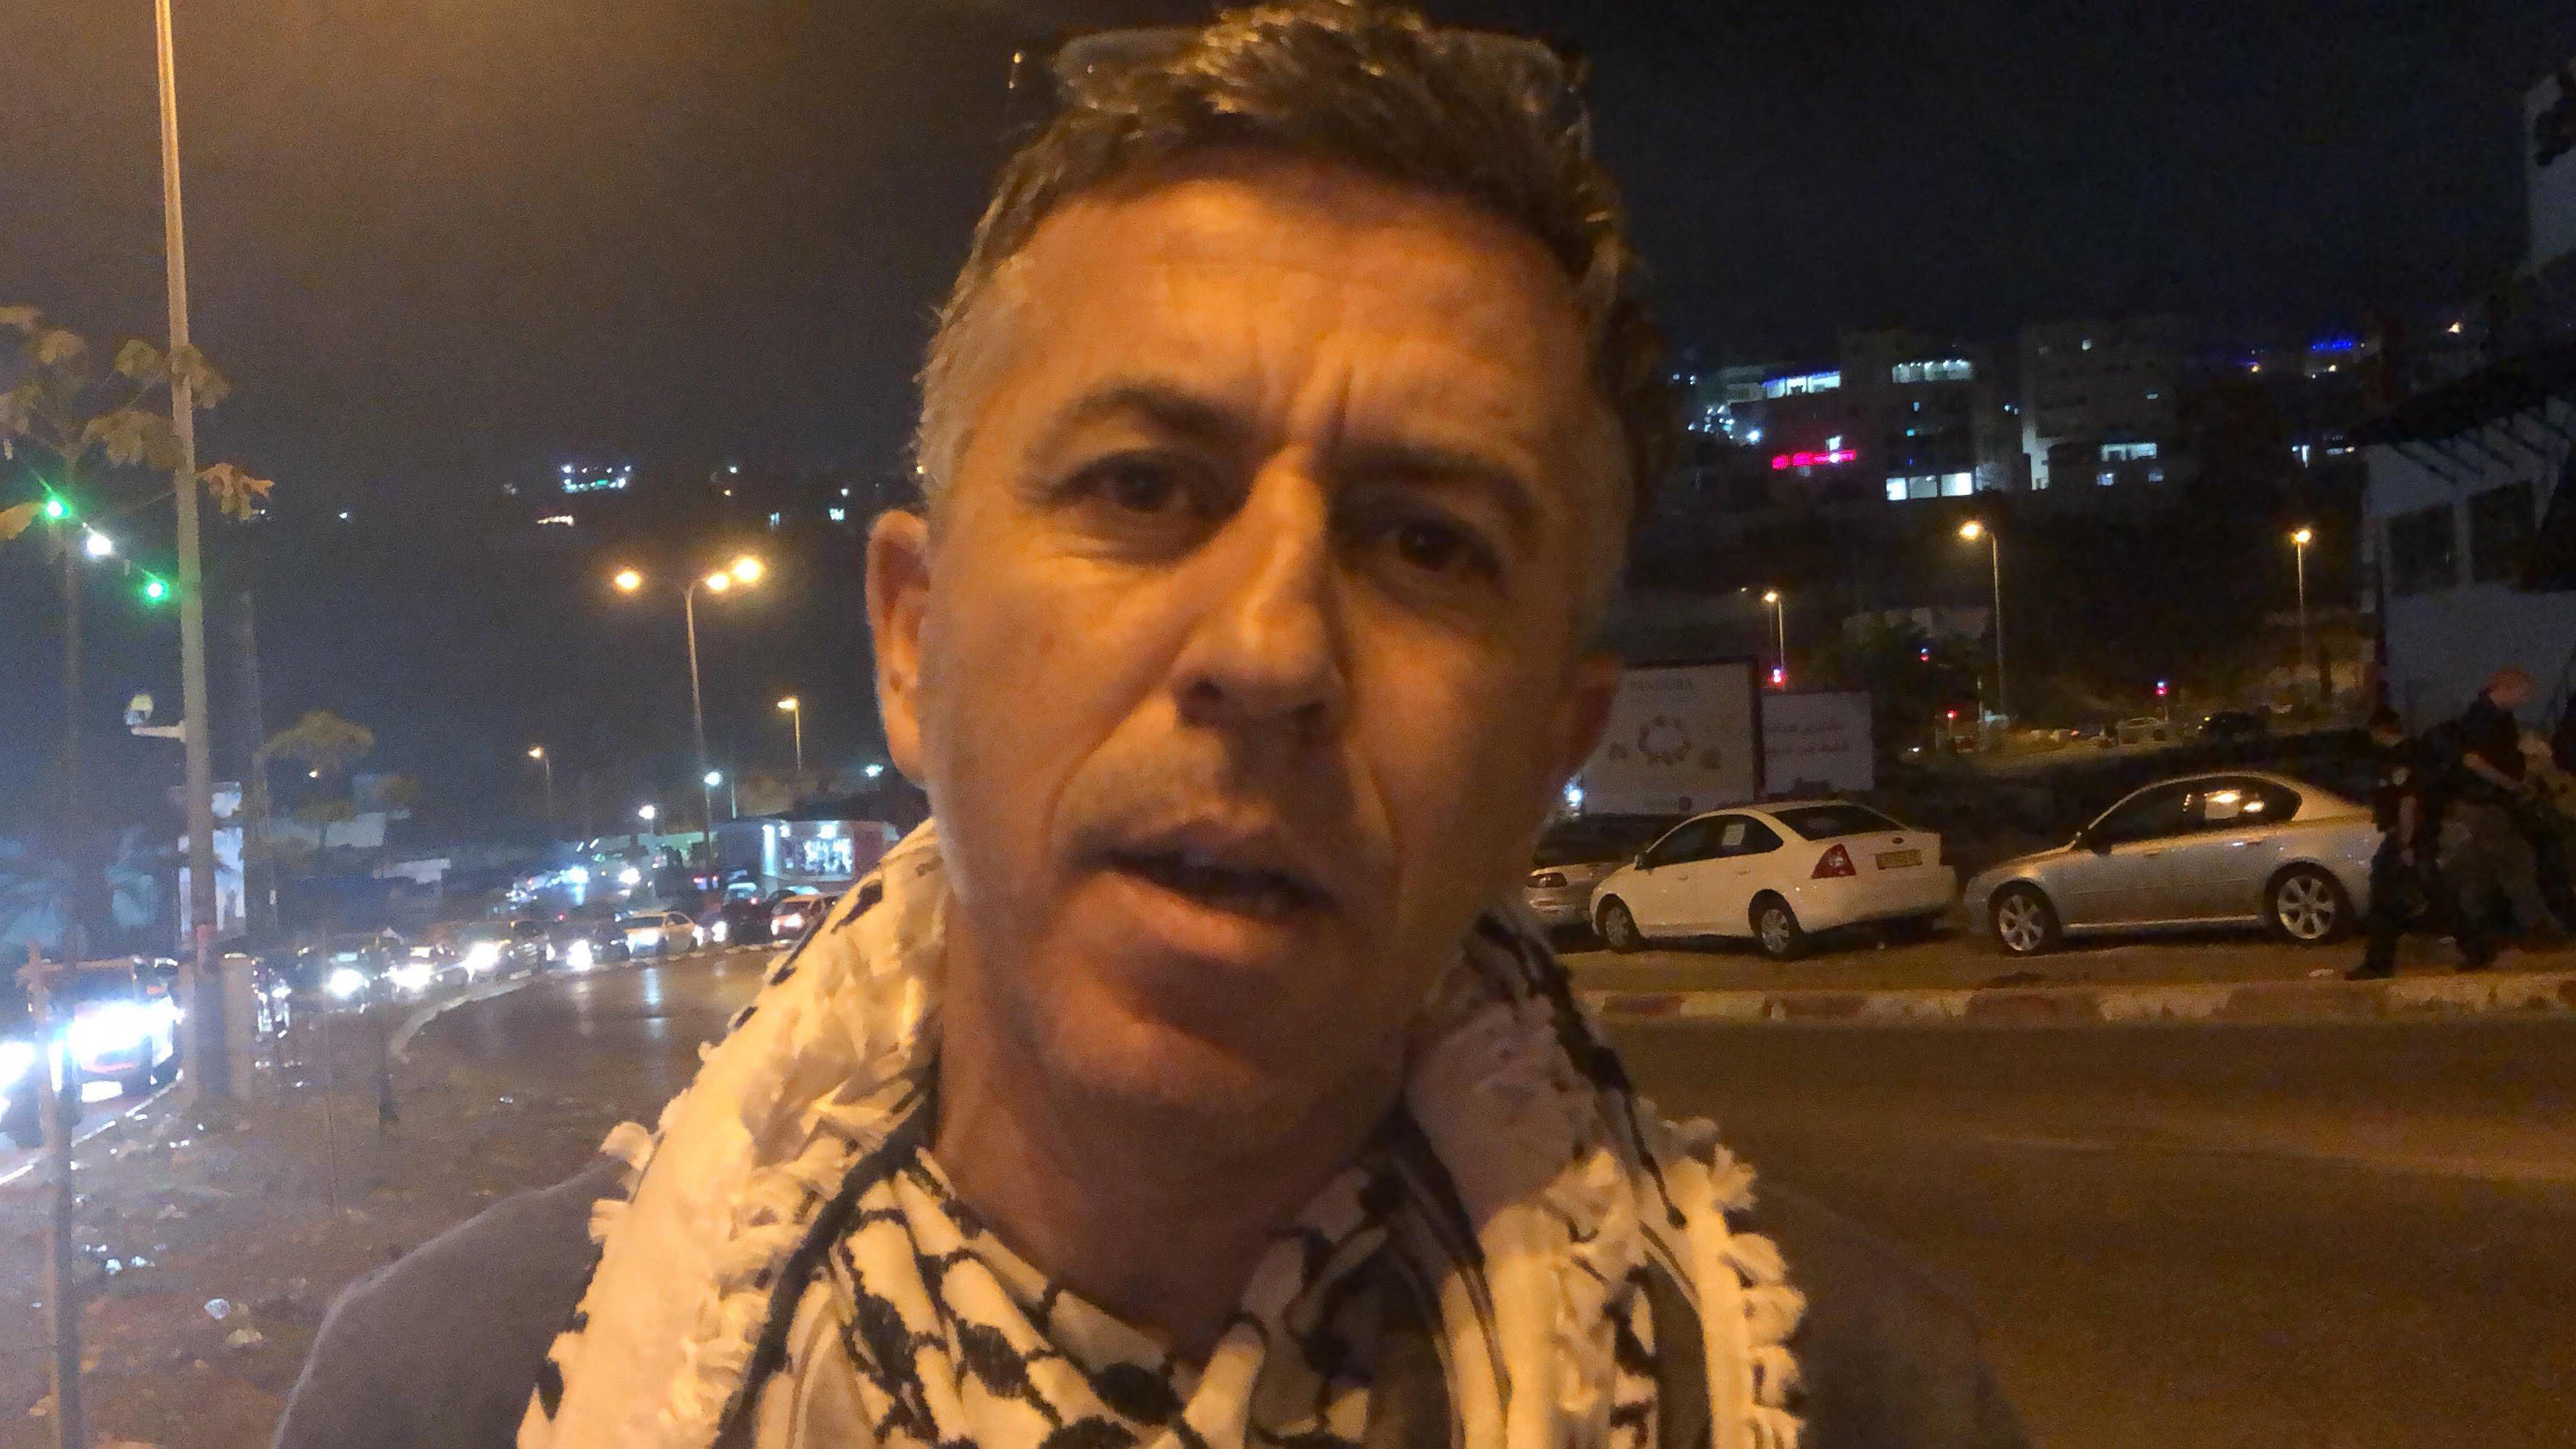 قياديو ابناء البلد بعد التحقيق معهم: سنقاضي الشرطة وهي كاذبة دائما